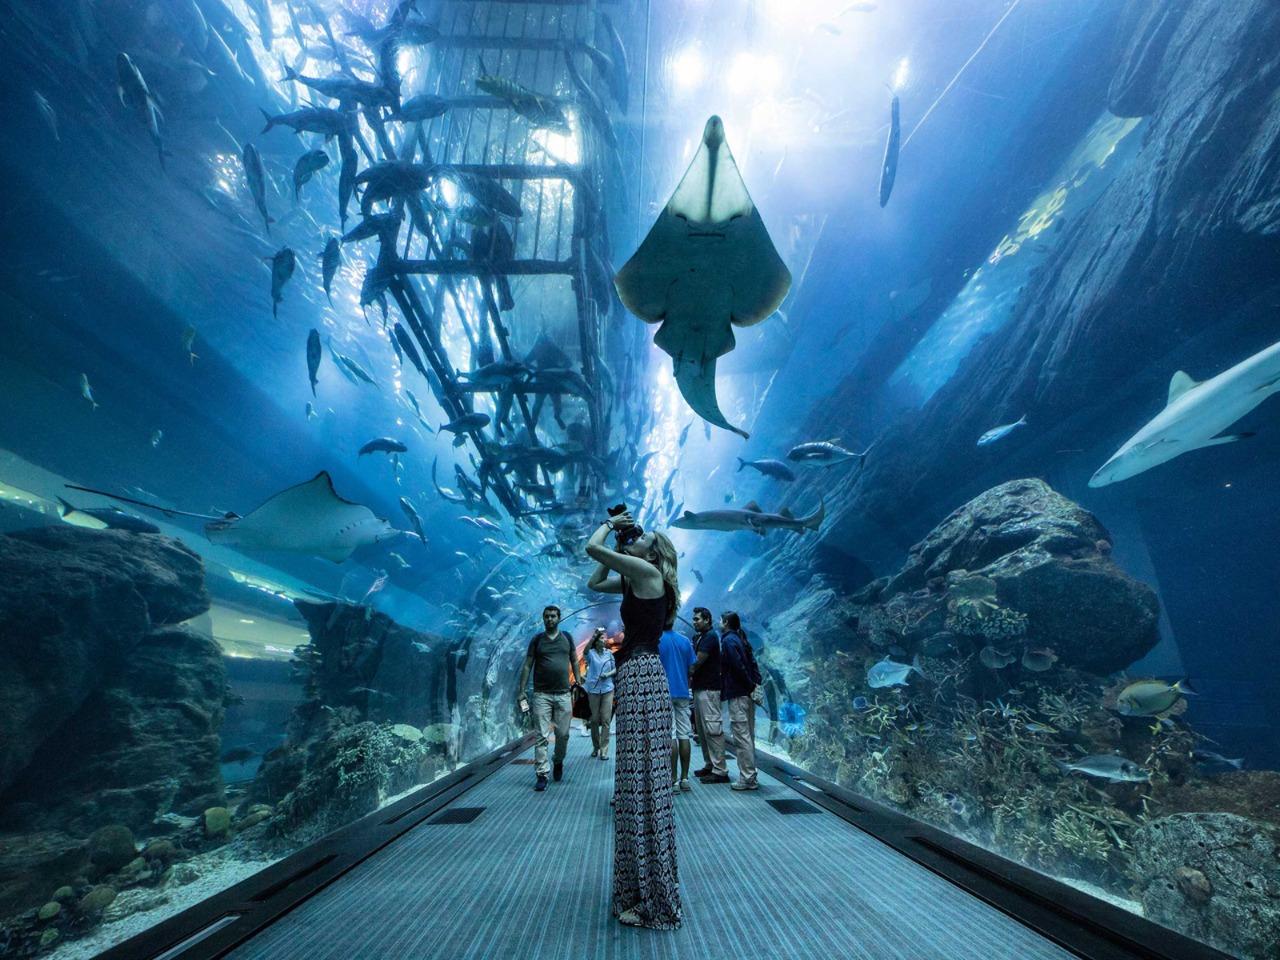 Океанариум в Dubai — Mall - групповая экскурсия в Дубае от опытного гида